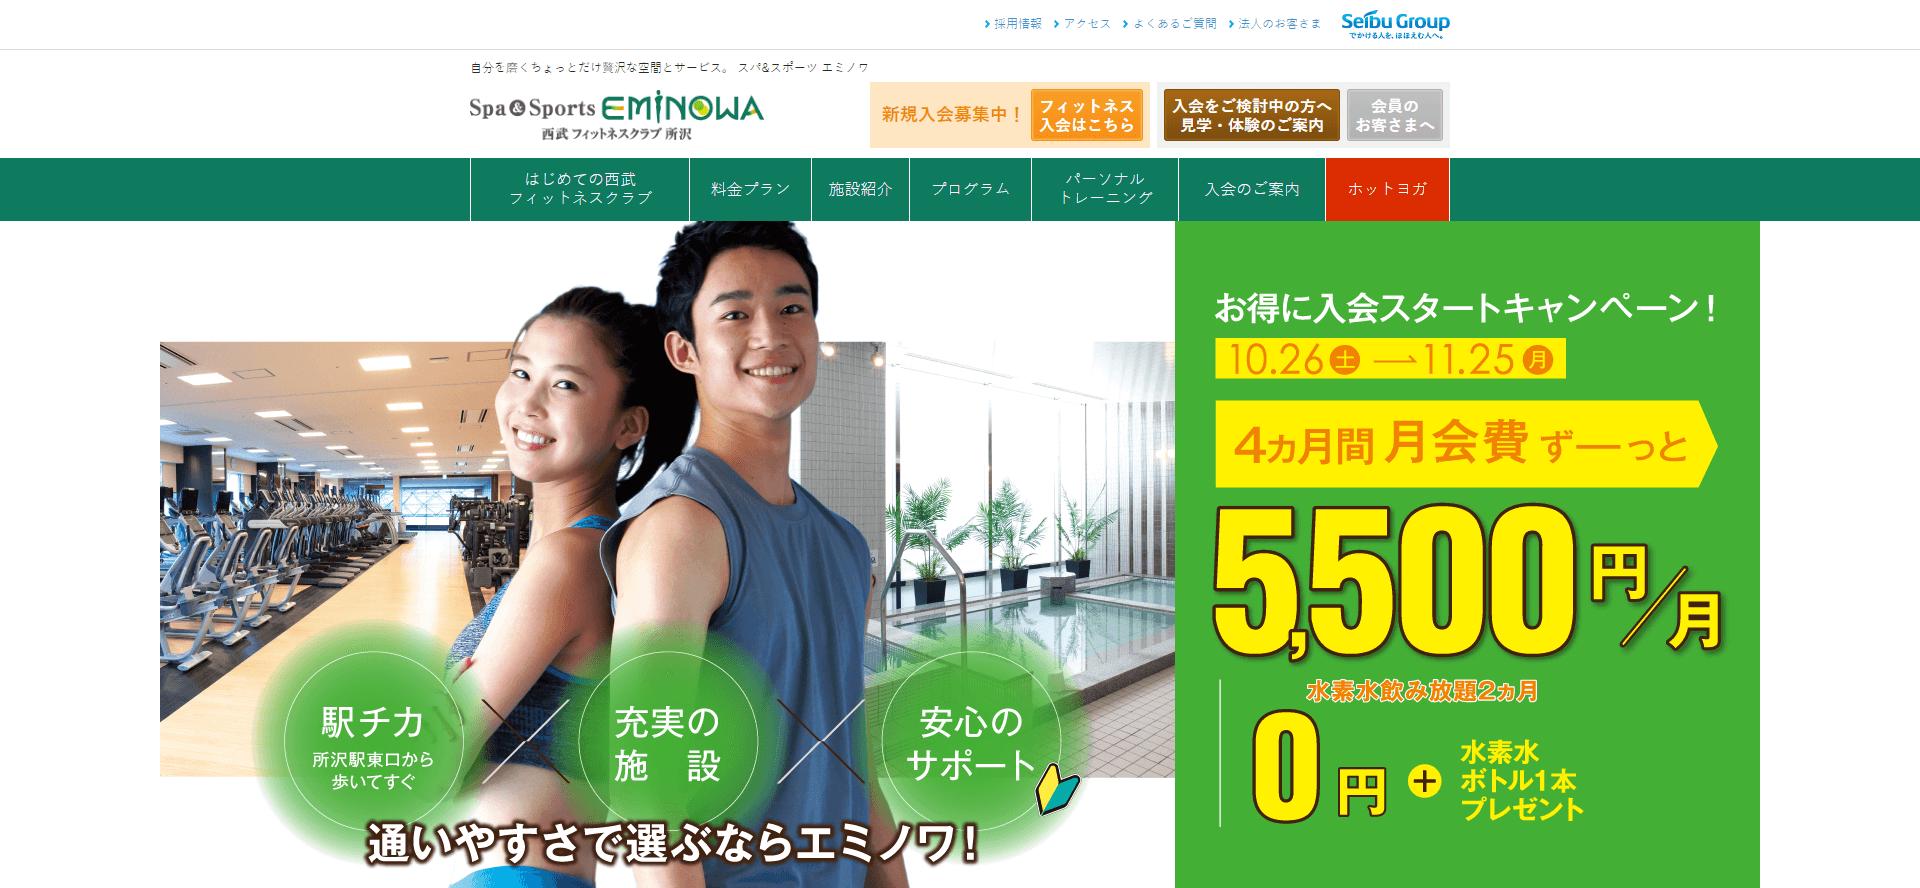 所沢エリアでおすすめのパーソナルトレーニングジム「Spa&Sports EMINOWA(エミノア)」